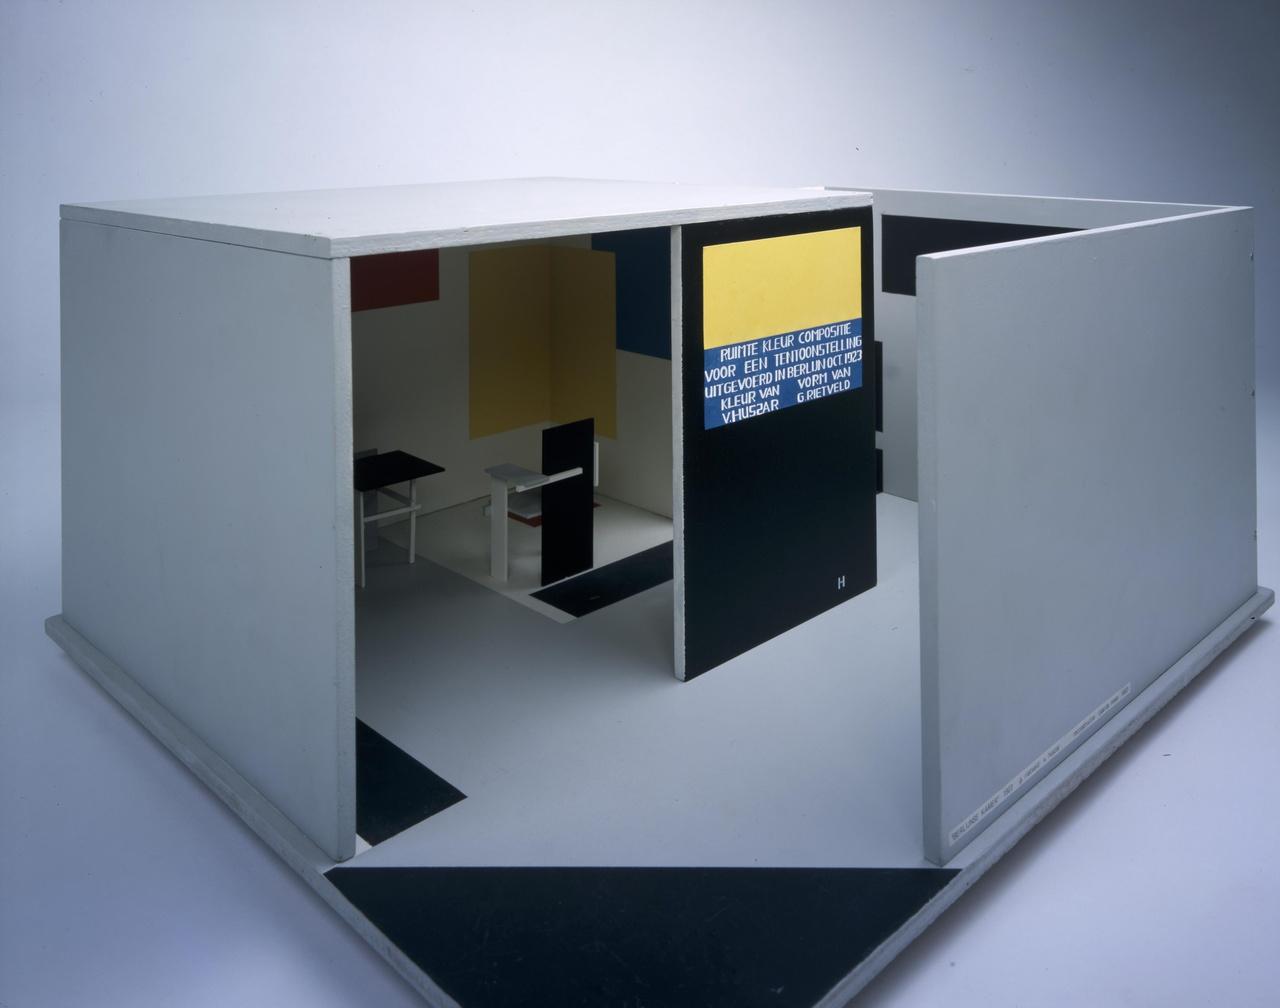 Maquette Ruimte-Kleur-Compositie voor de Juryfreie Kunstschau in Berlijn